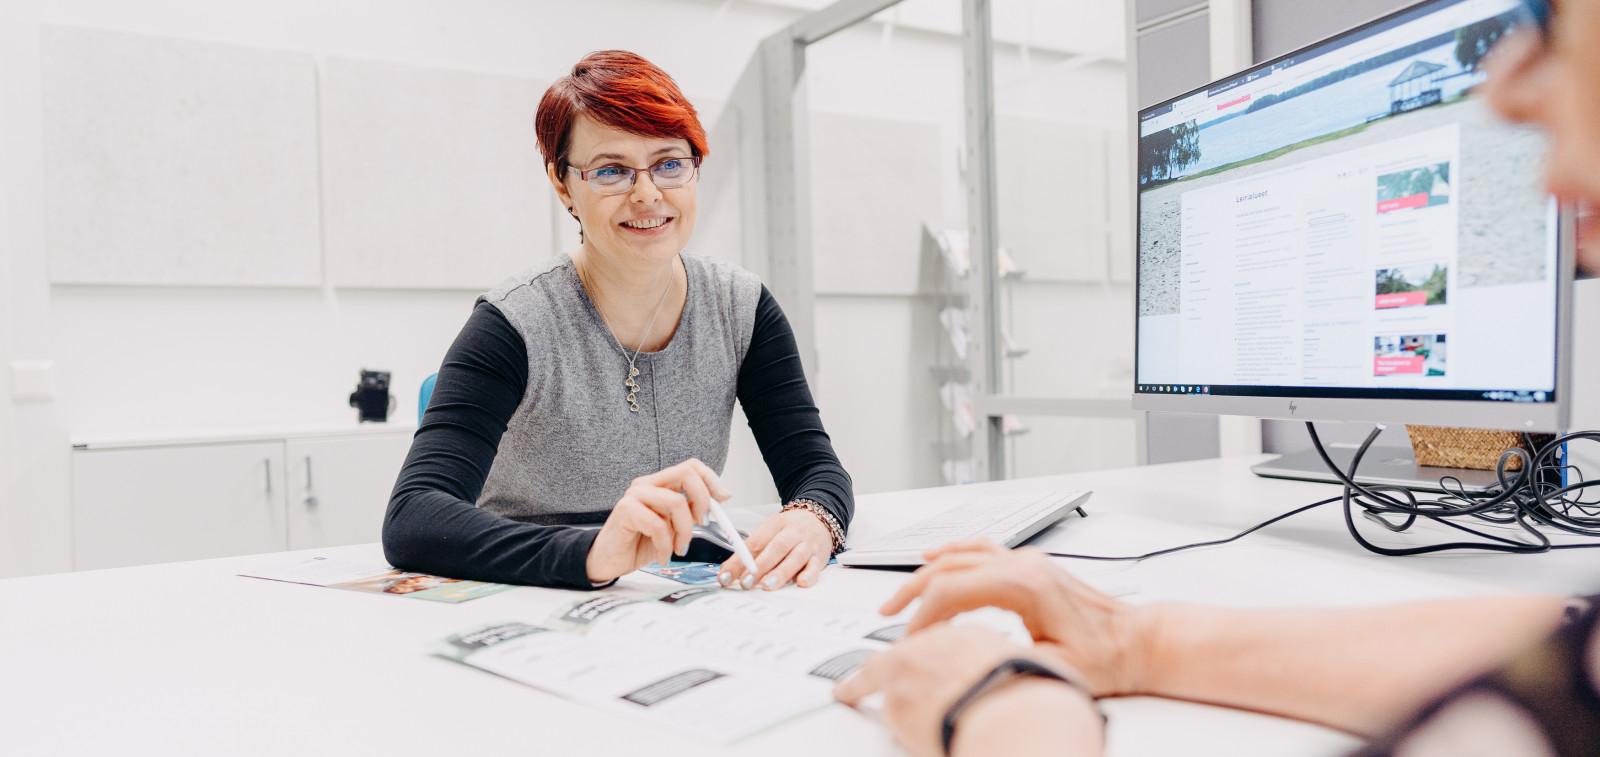 Nuorisopalveluiden asiakaspalvelija Ann-Mari Hammarberg palvelemassa asiakasta Kauppatorin Monitorissa.